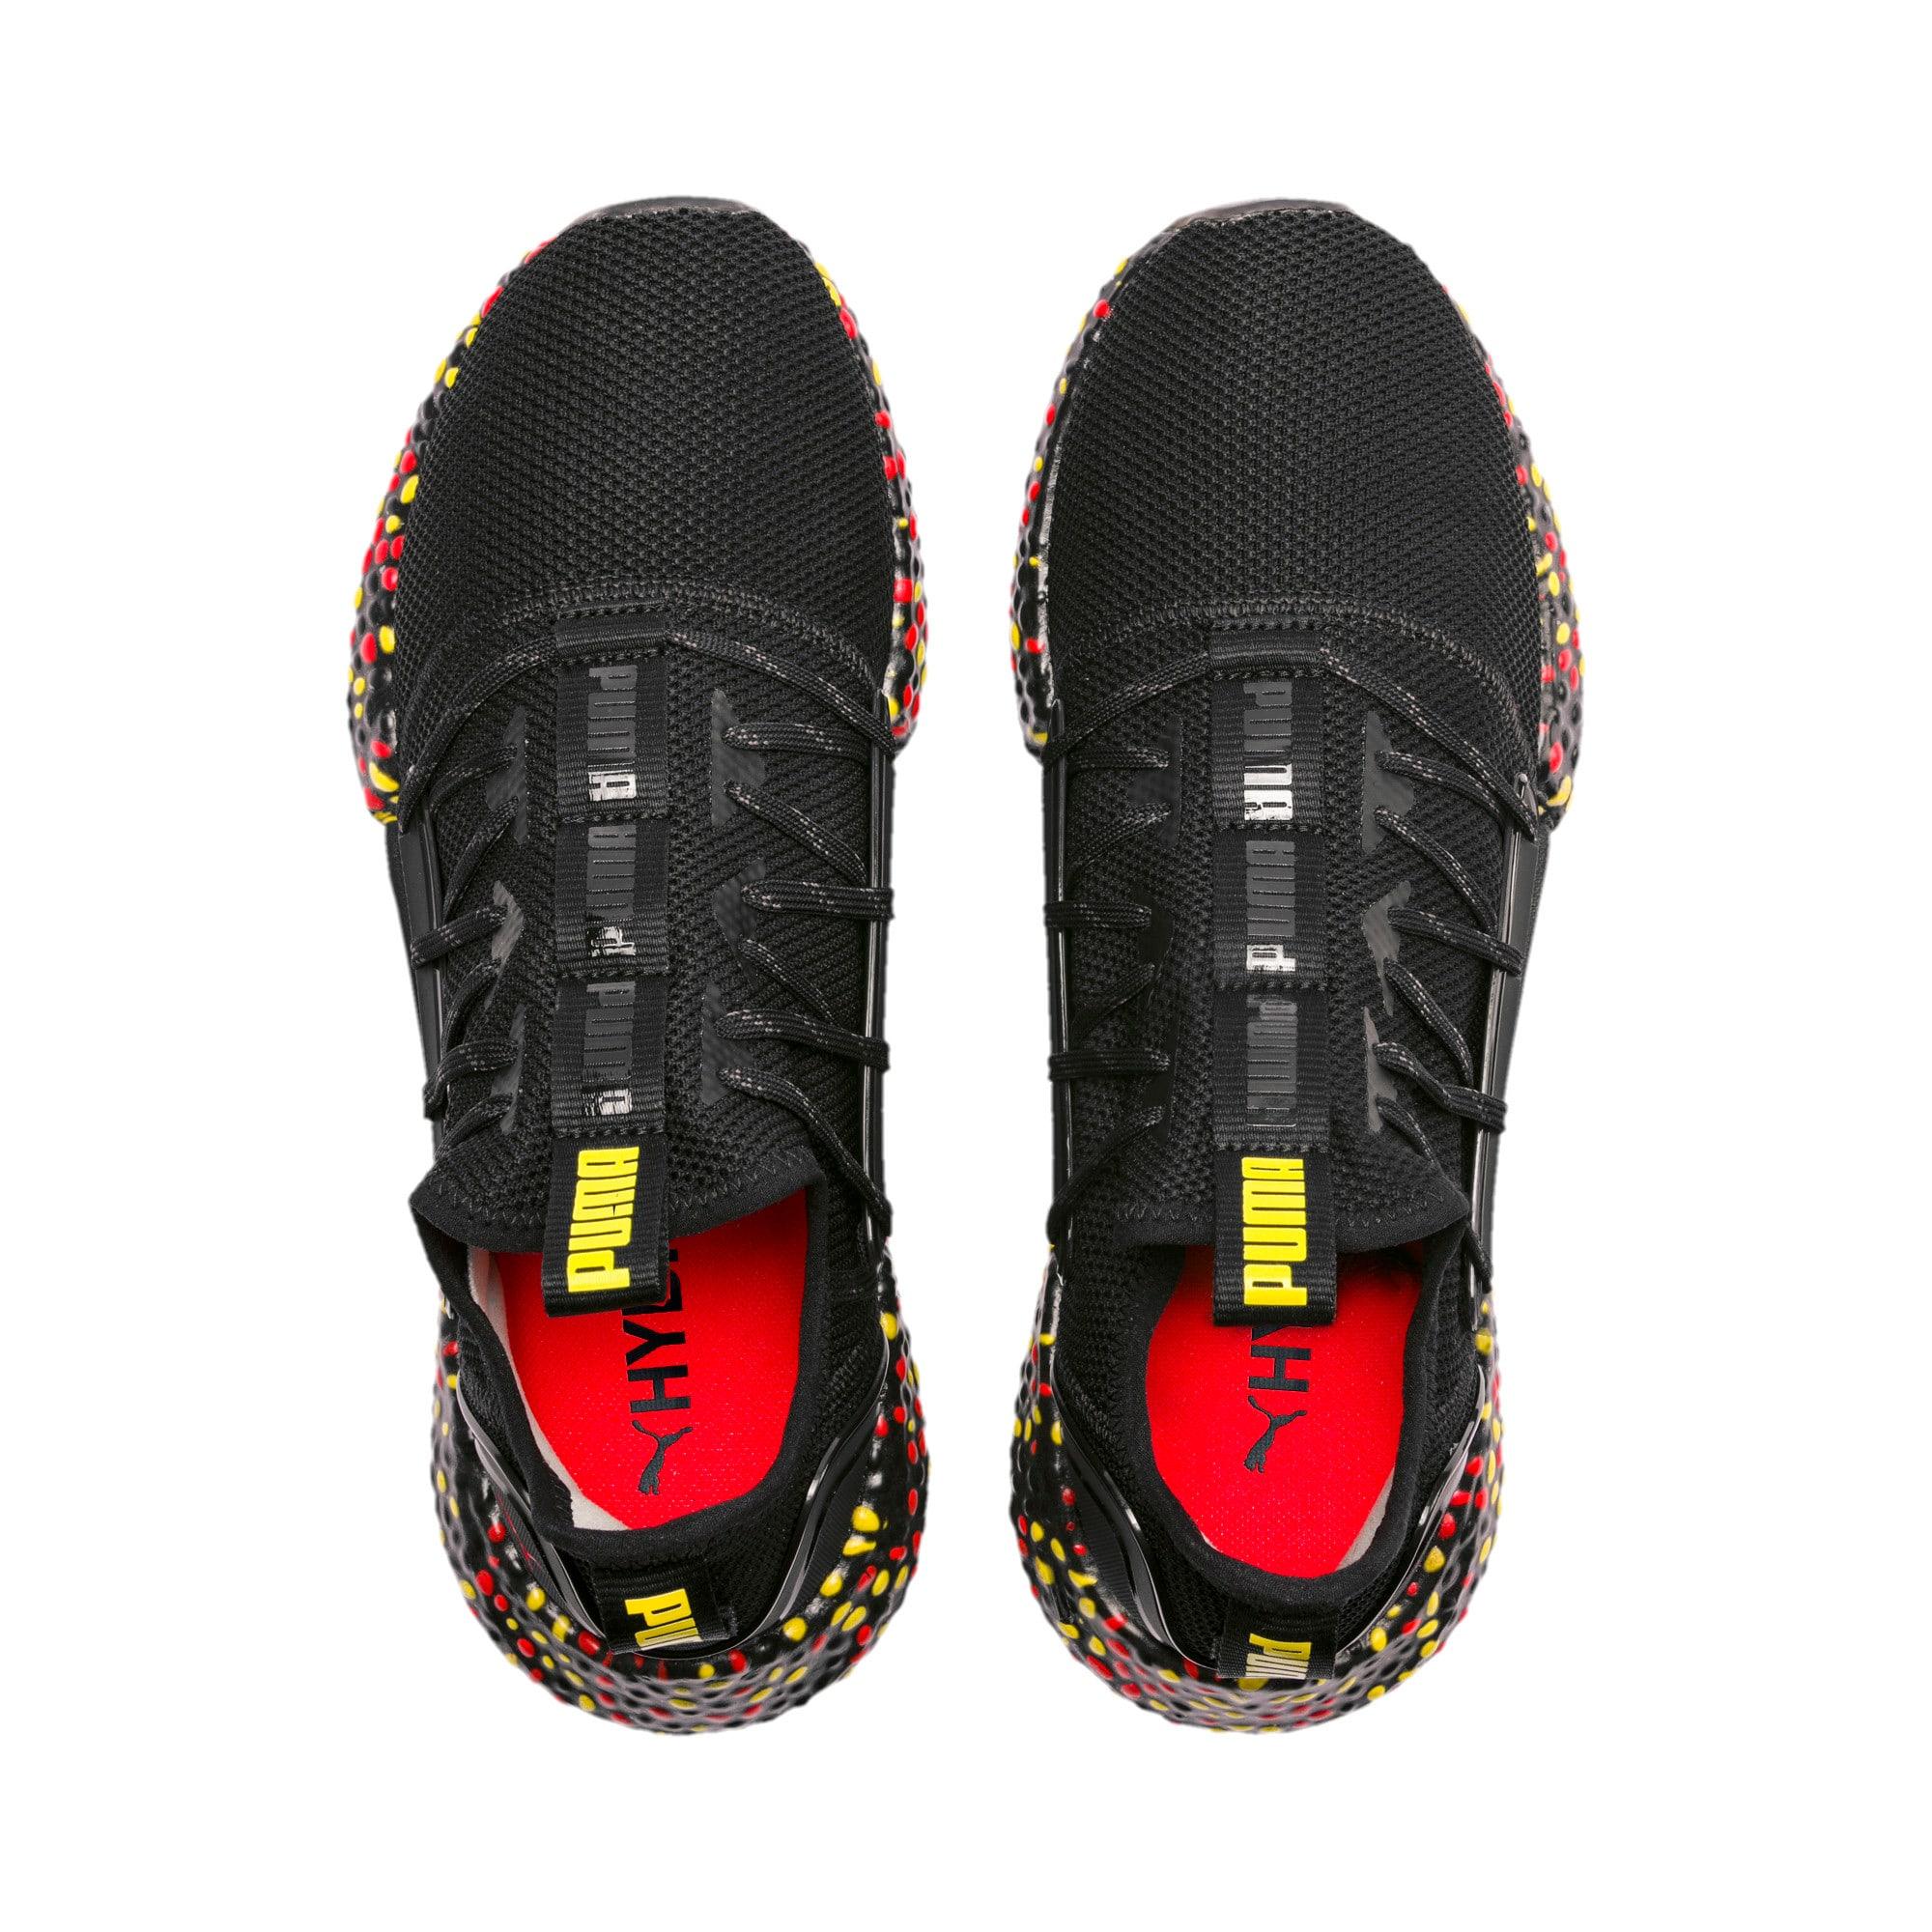 Imagen en miniatura 8 de Zapatillas de running de hombre Hybrid Rocket Runner, Black-Blazing Yellow-Red, mediana